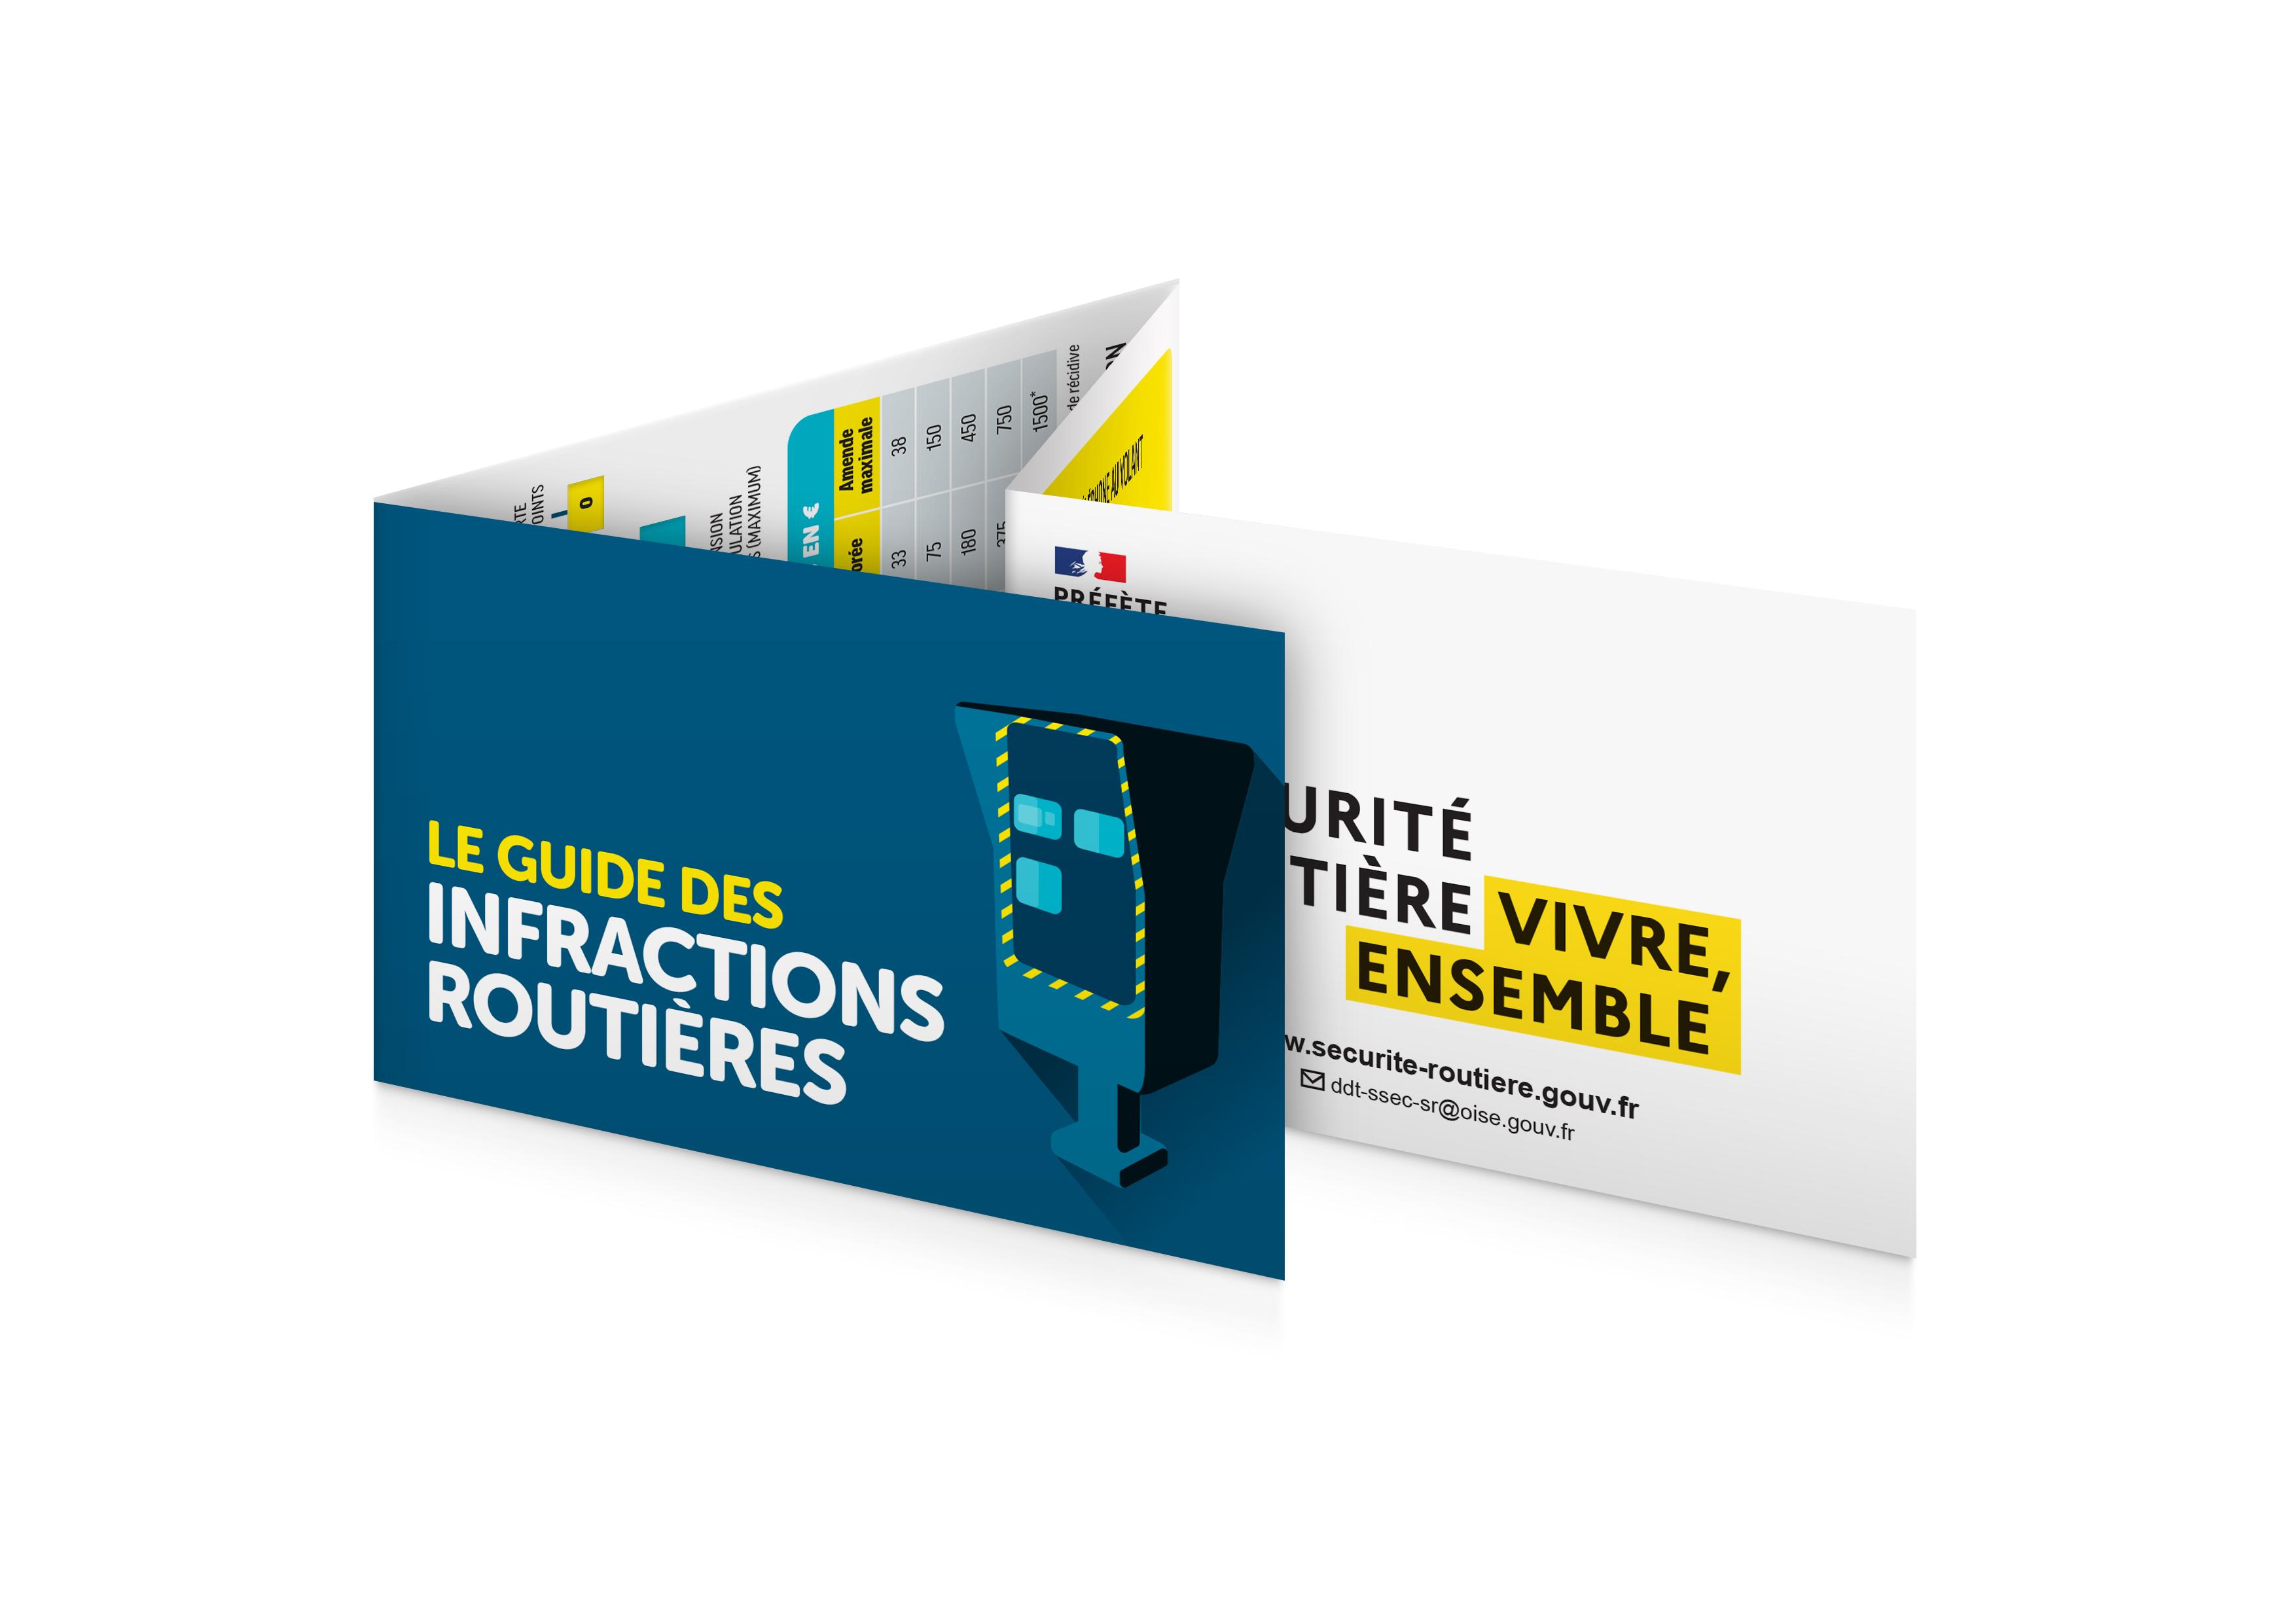 Réglette 4 volets Le Gudes des Infractions Routières personnalisée pour la DDT de l'Oise